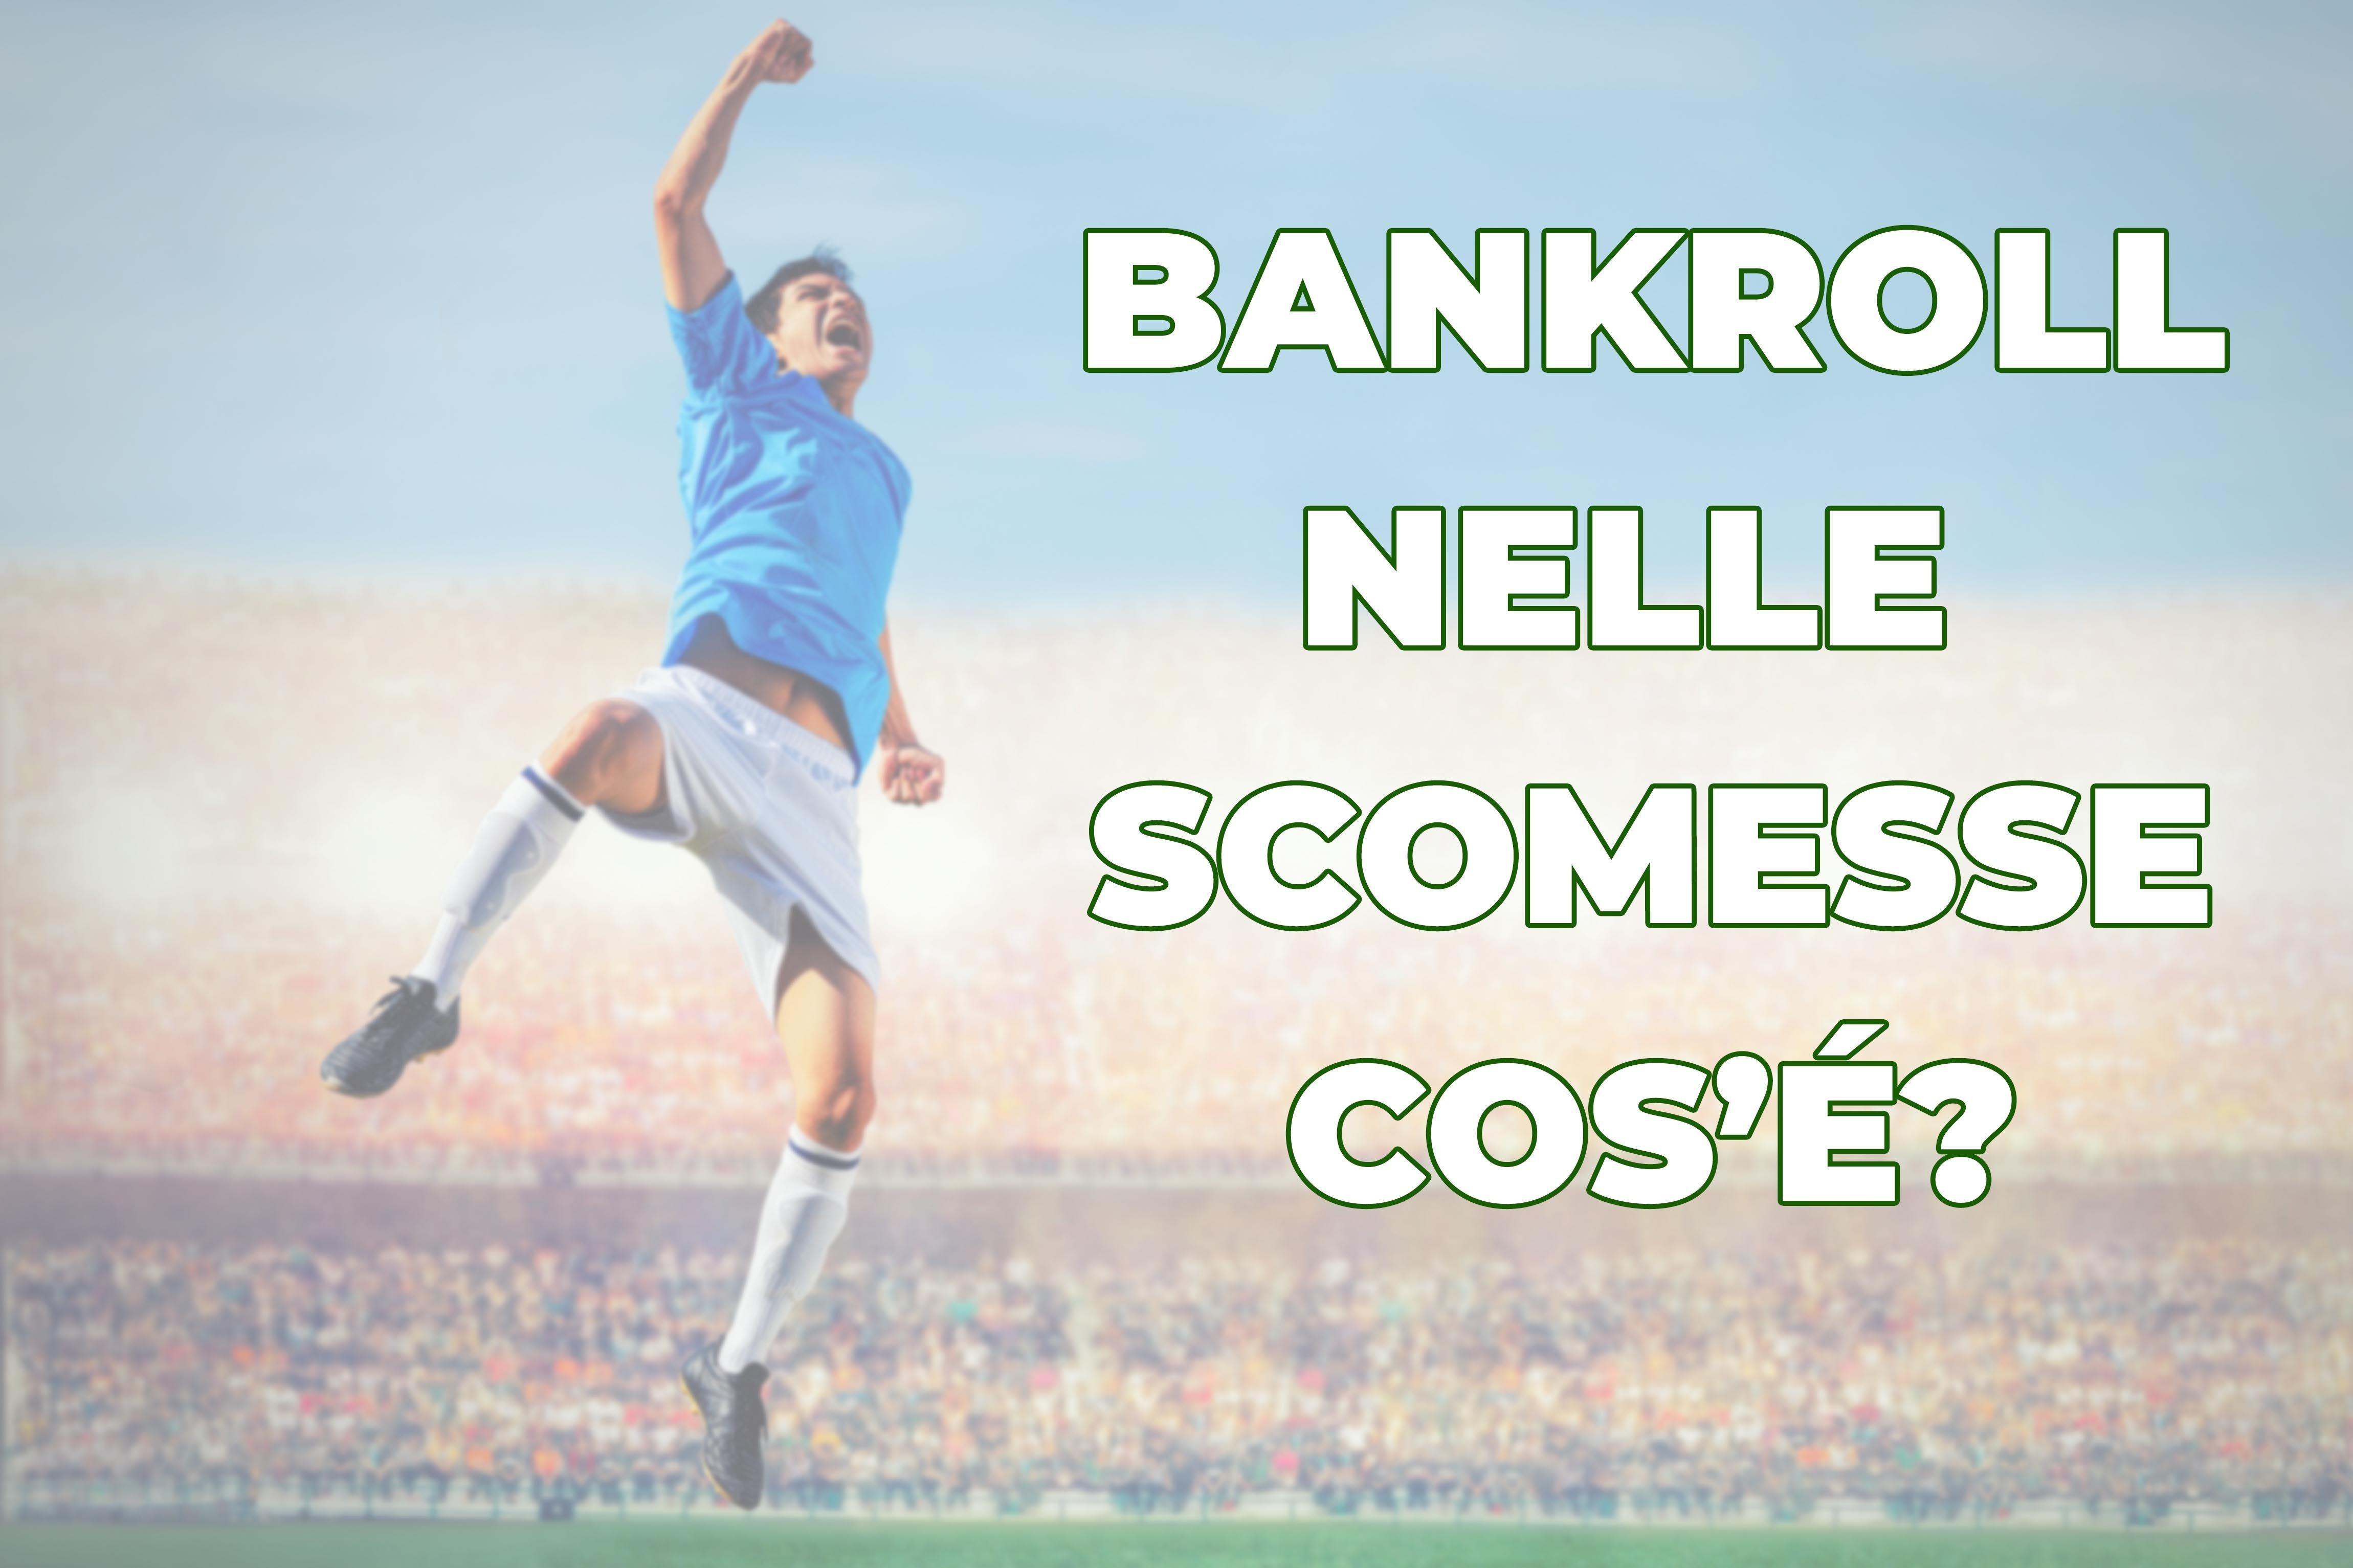 bankroll-scommesse